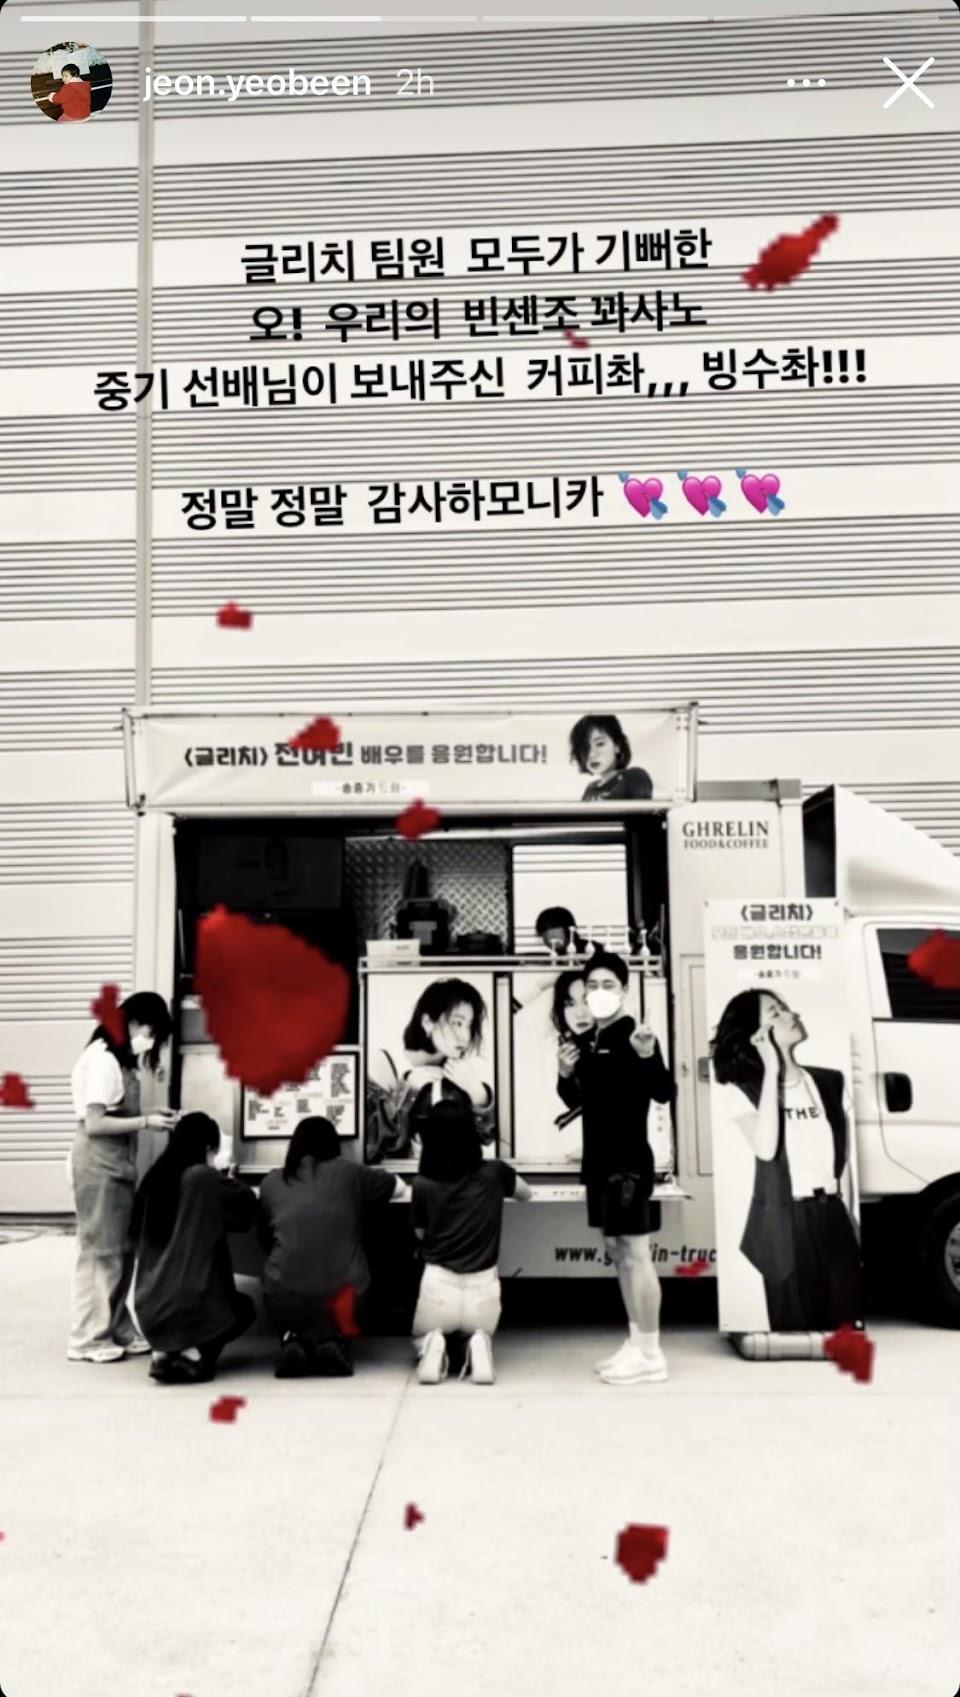 jeon yeobeen ig story